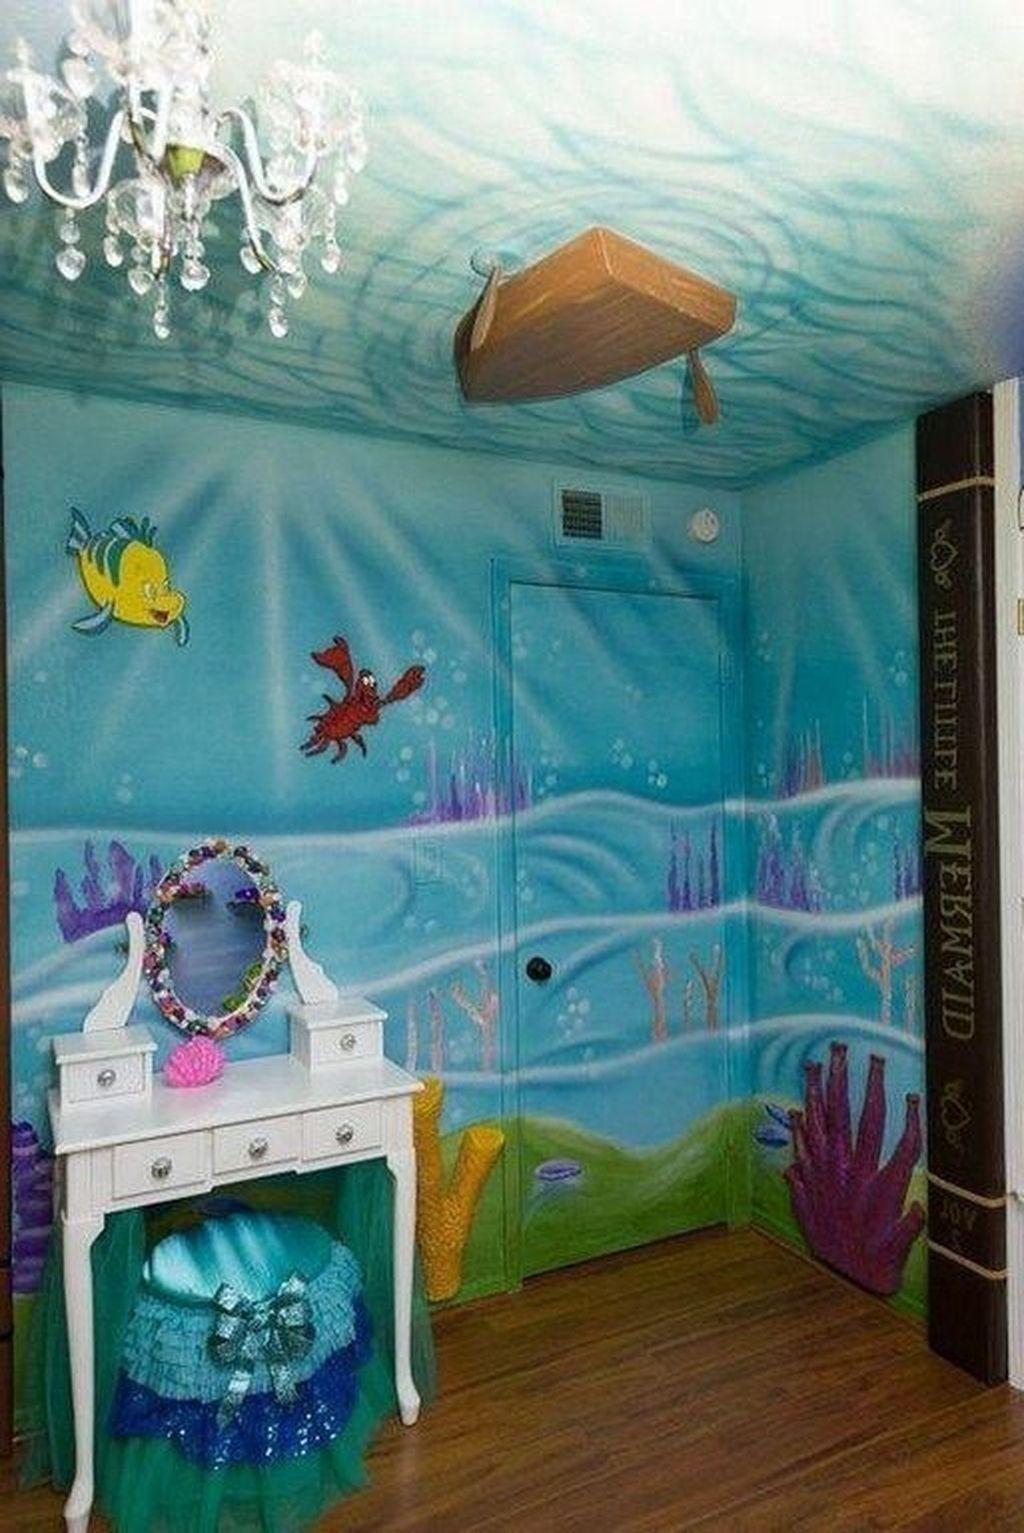 Popular Mermaid Bathroom Decor Ideas29 Mermaid Room Decor Mermaid Bathroom Decor Little Mermaid Bedroom